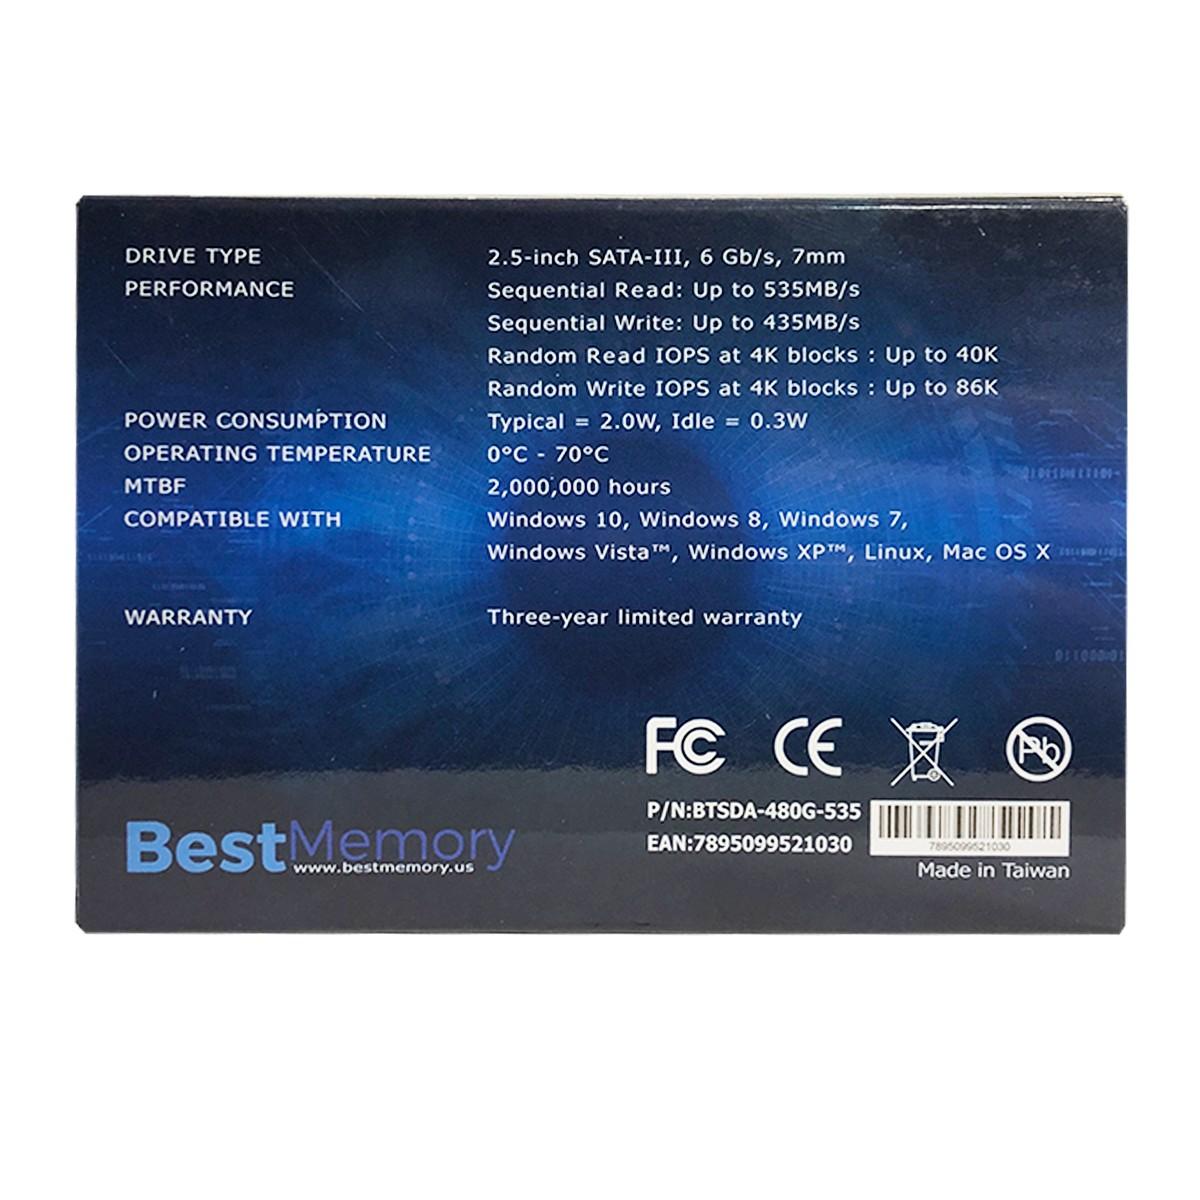 SSD Best Memory Highlander Series 480GB, Leit. 535 MB/s, Grav. 435 MB/s, Sata III - BTSDA-480G-535